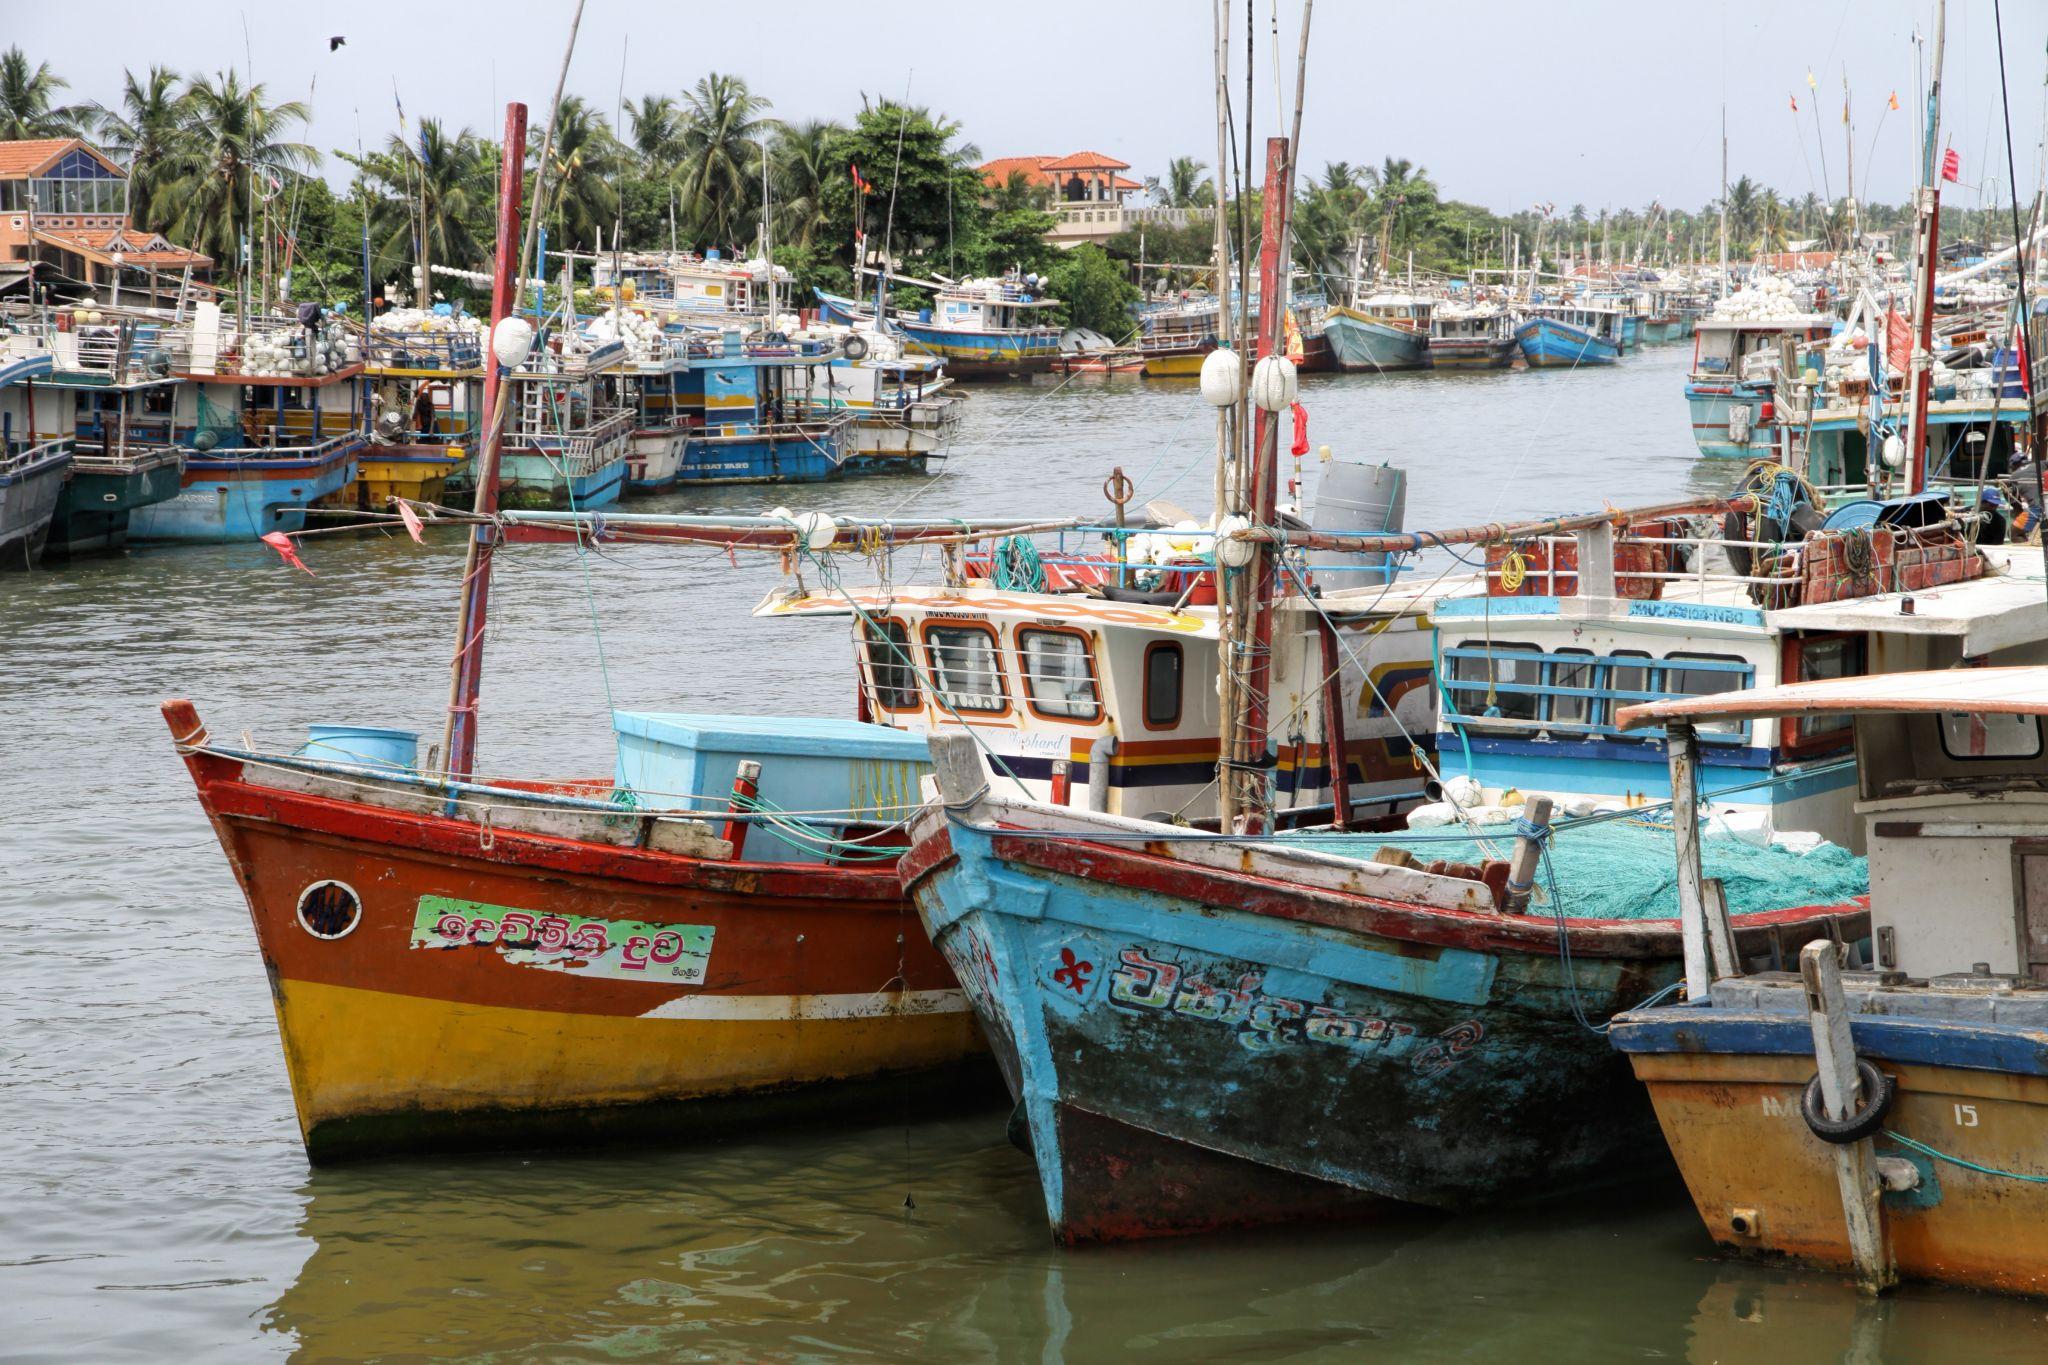 Negombo harbour, Sri Lanka